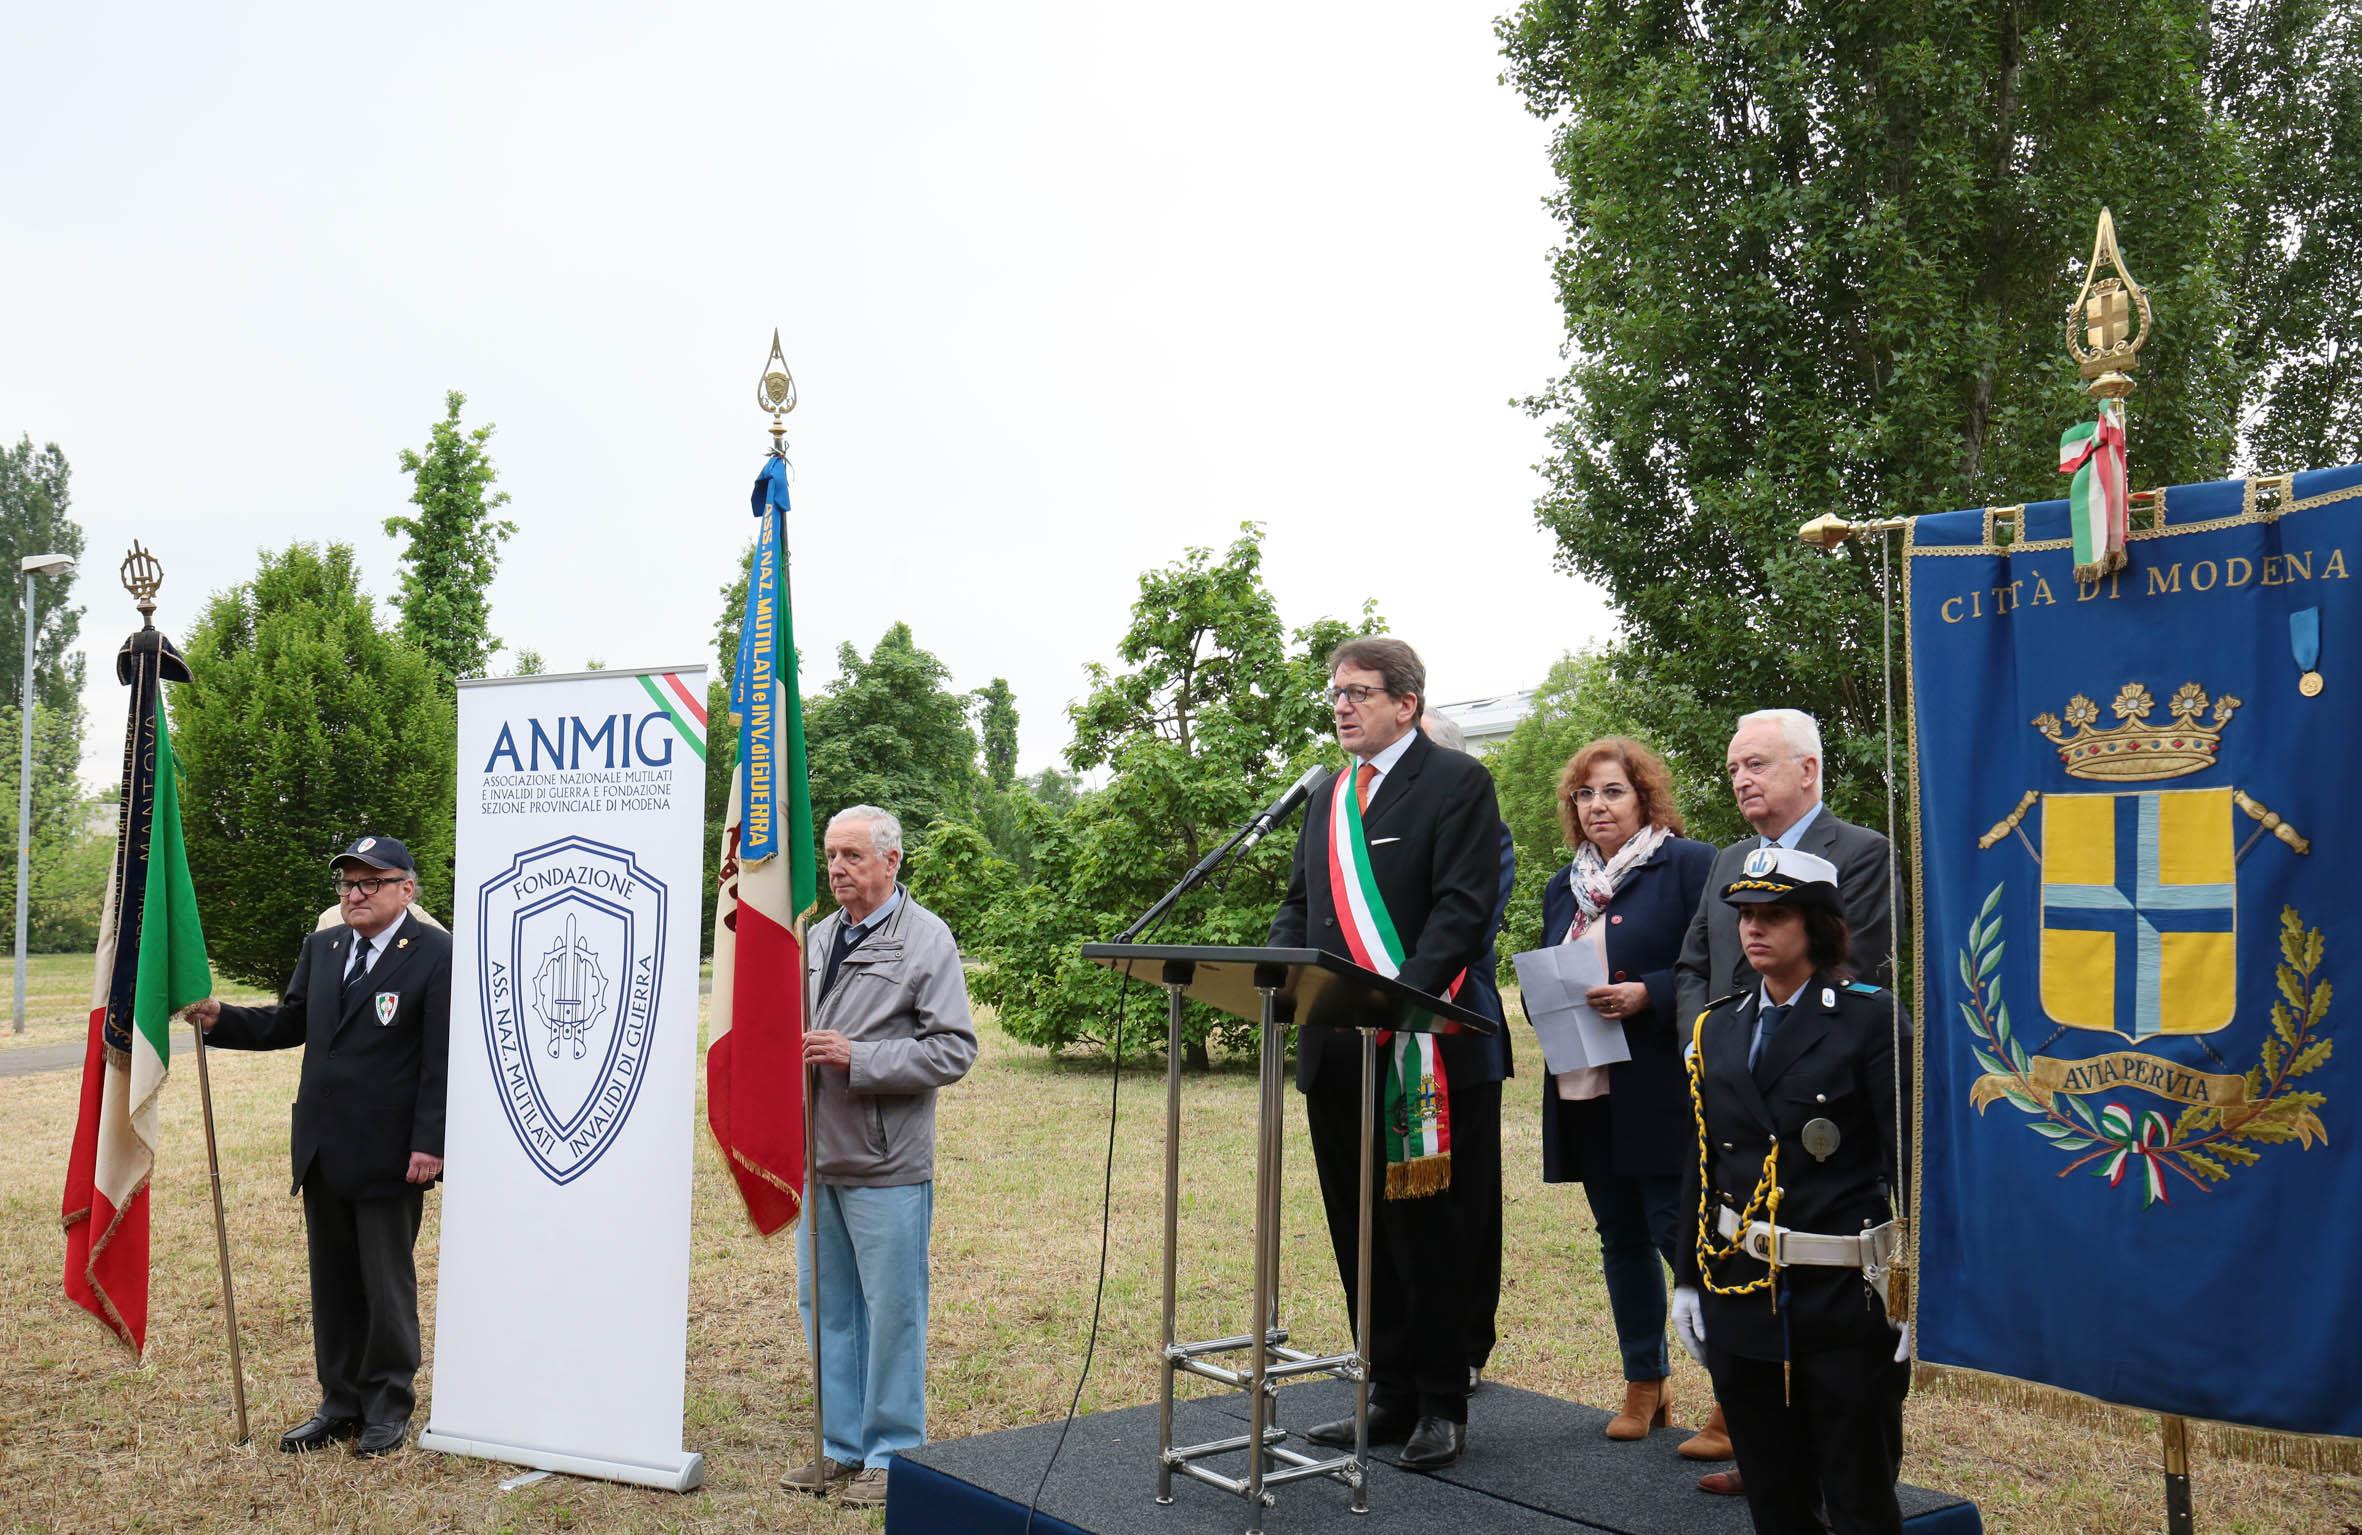 inaugurazione parco anmig